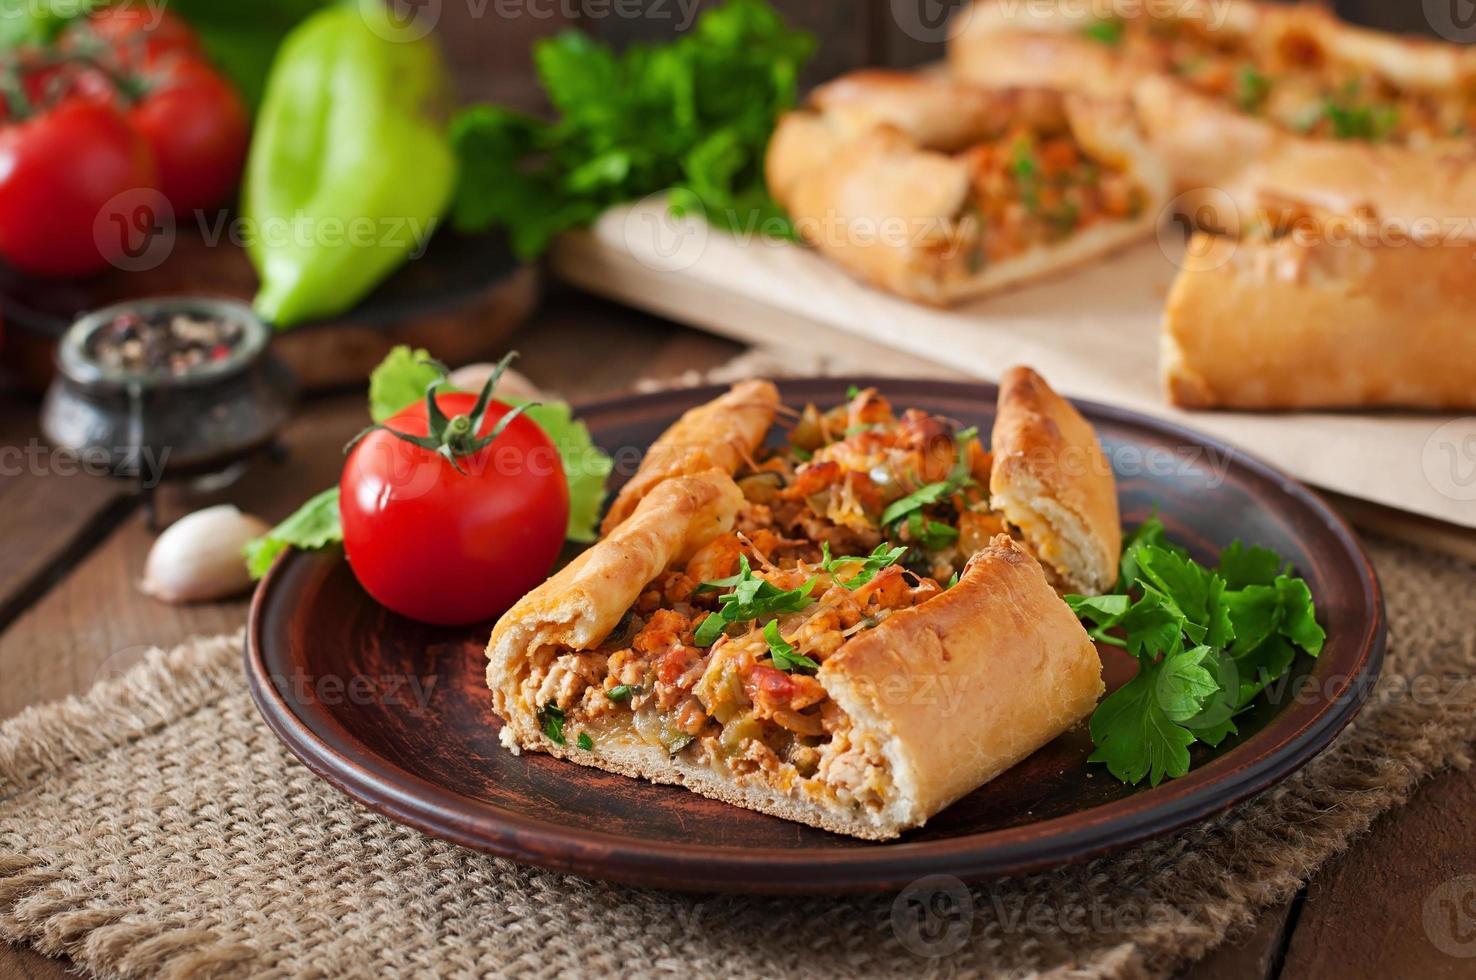 pide comida tradicional turca con carne y verduras foto